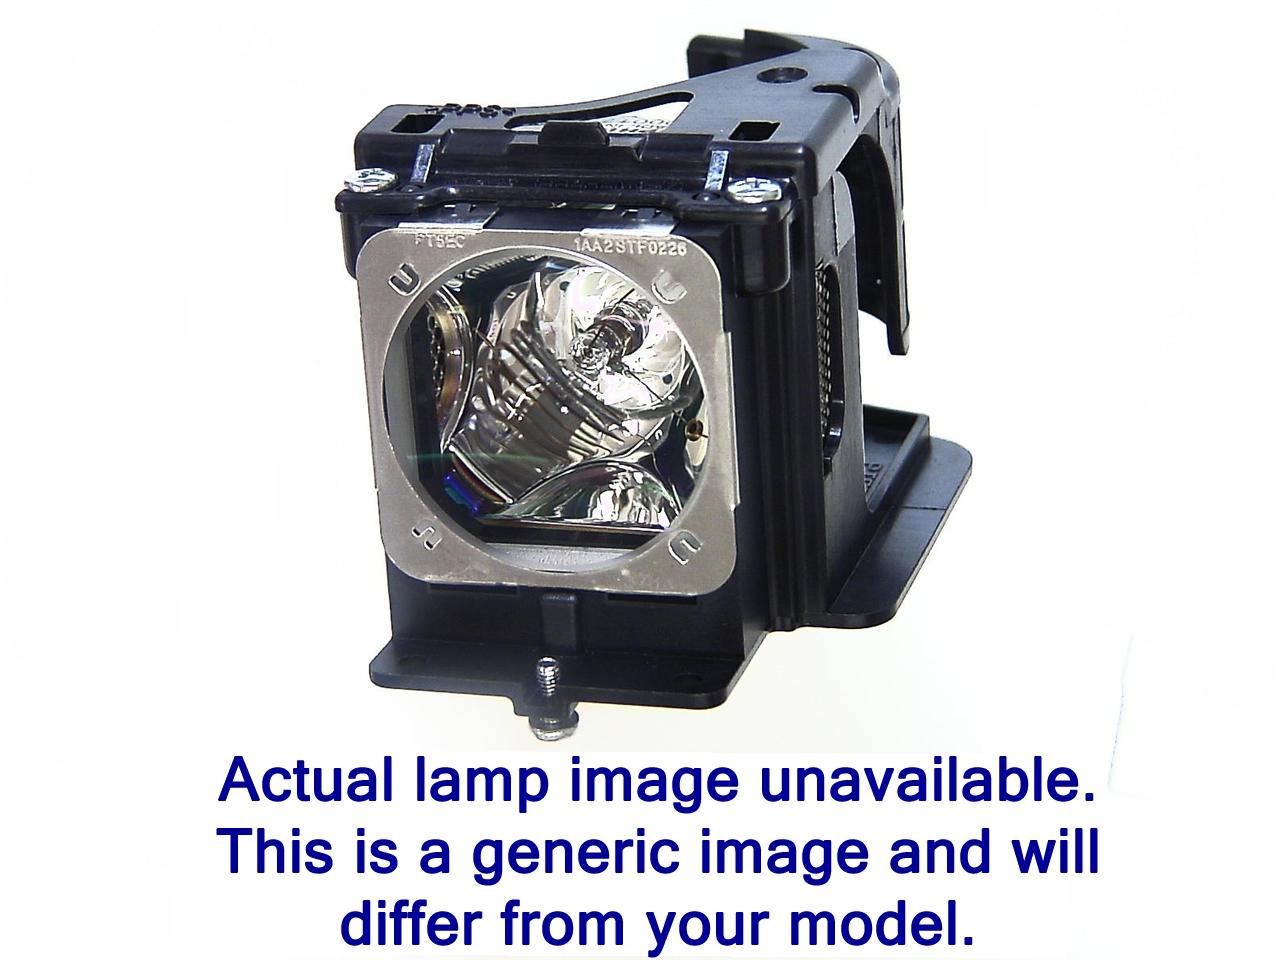 Diamond Lámpara For EPSON EH-TW5210 Proyector.